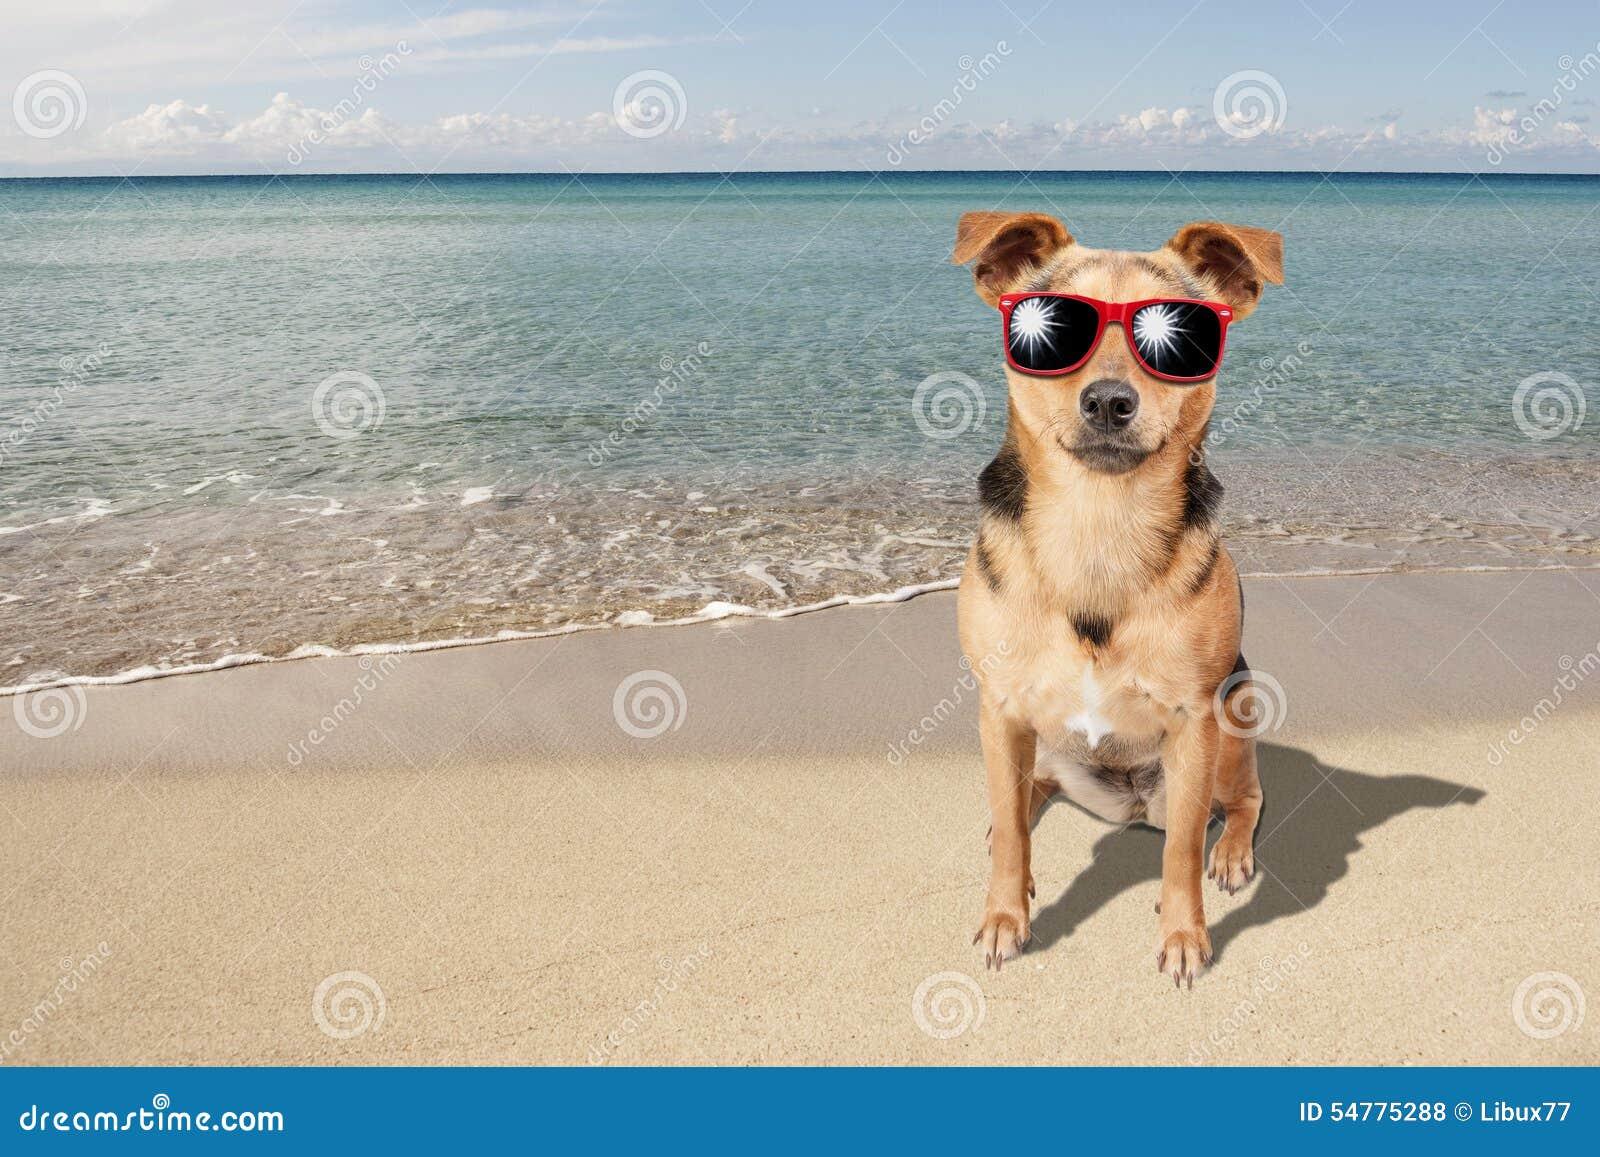 Chien petite Fawn Beach Sea Sunglasses